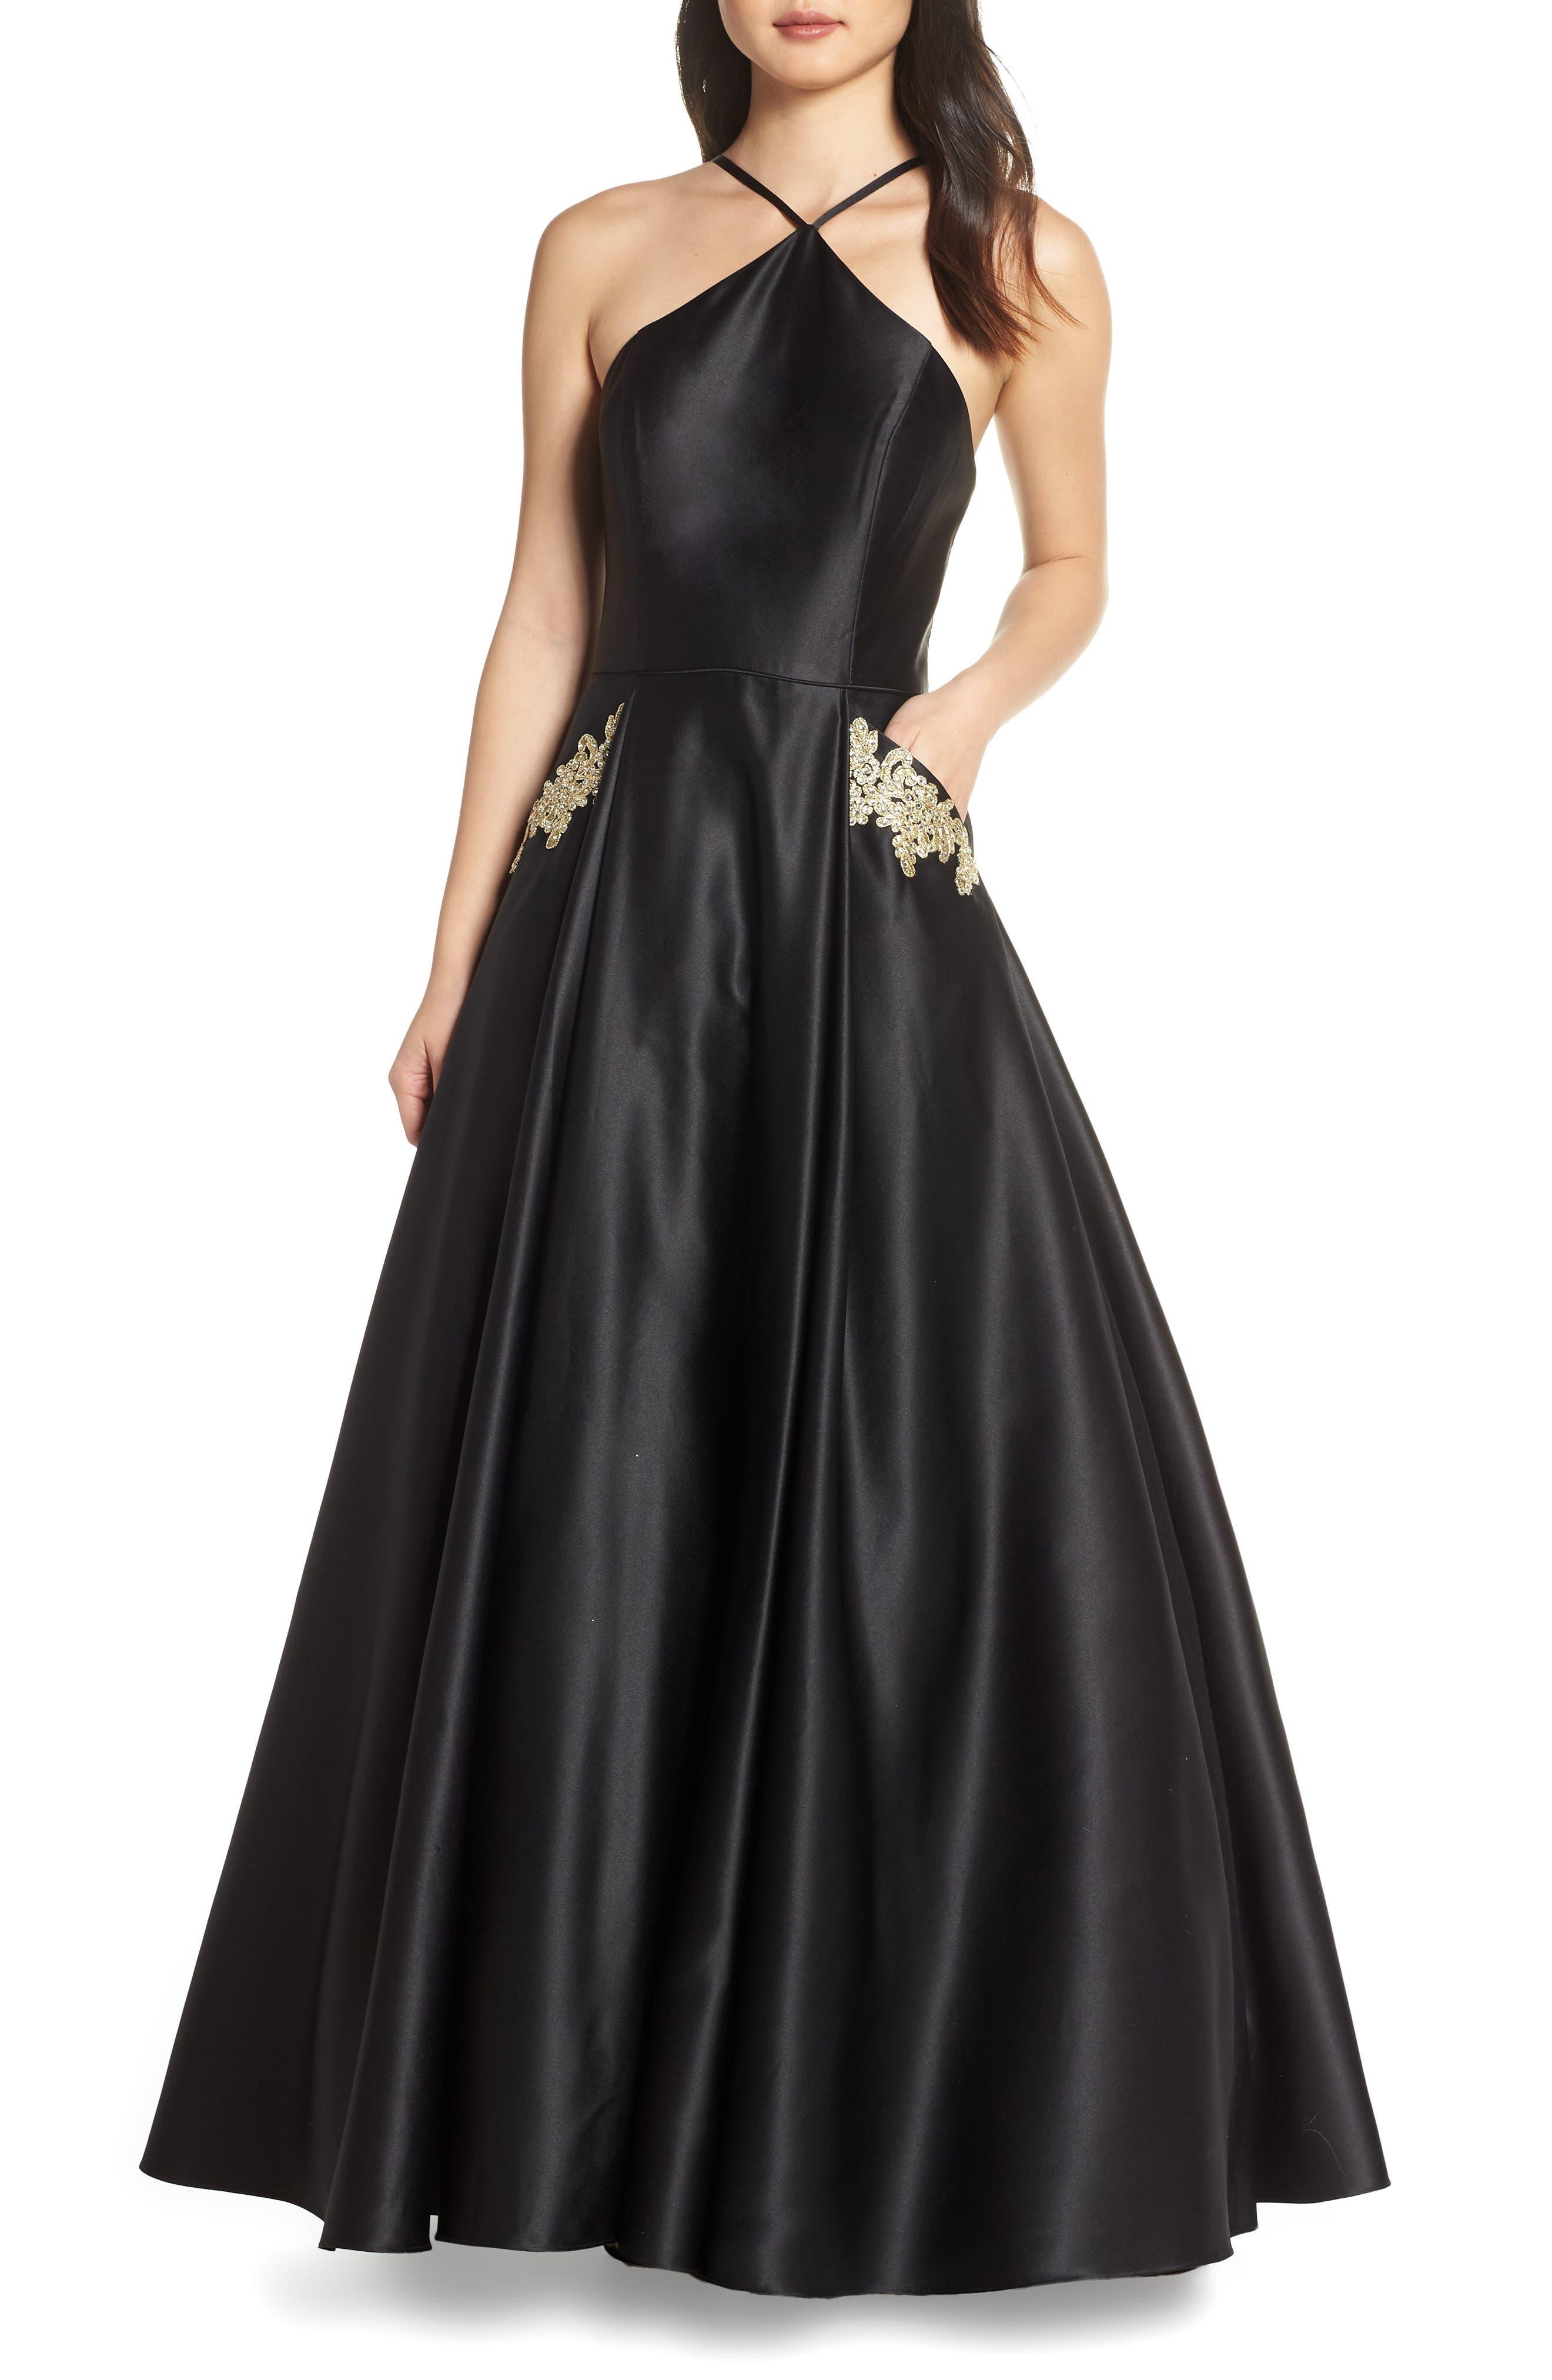 BLONDIE NITES Halter Neck Embellished Pocket Satin Evening Dress, Main, color, BLACK/ GOLD